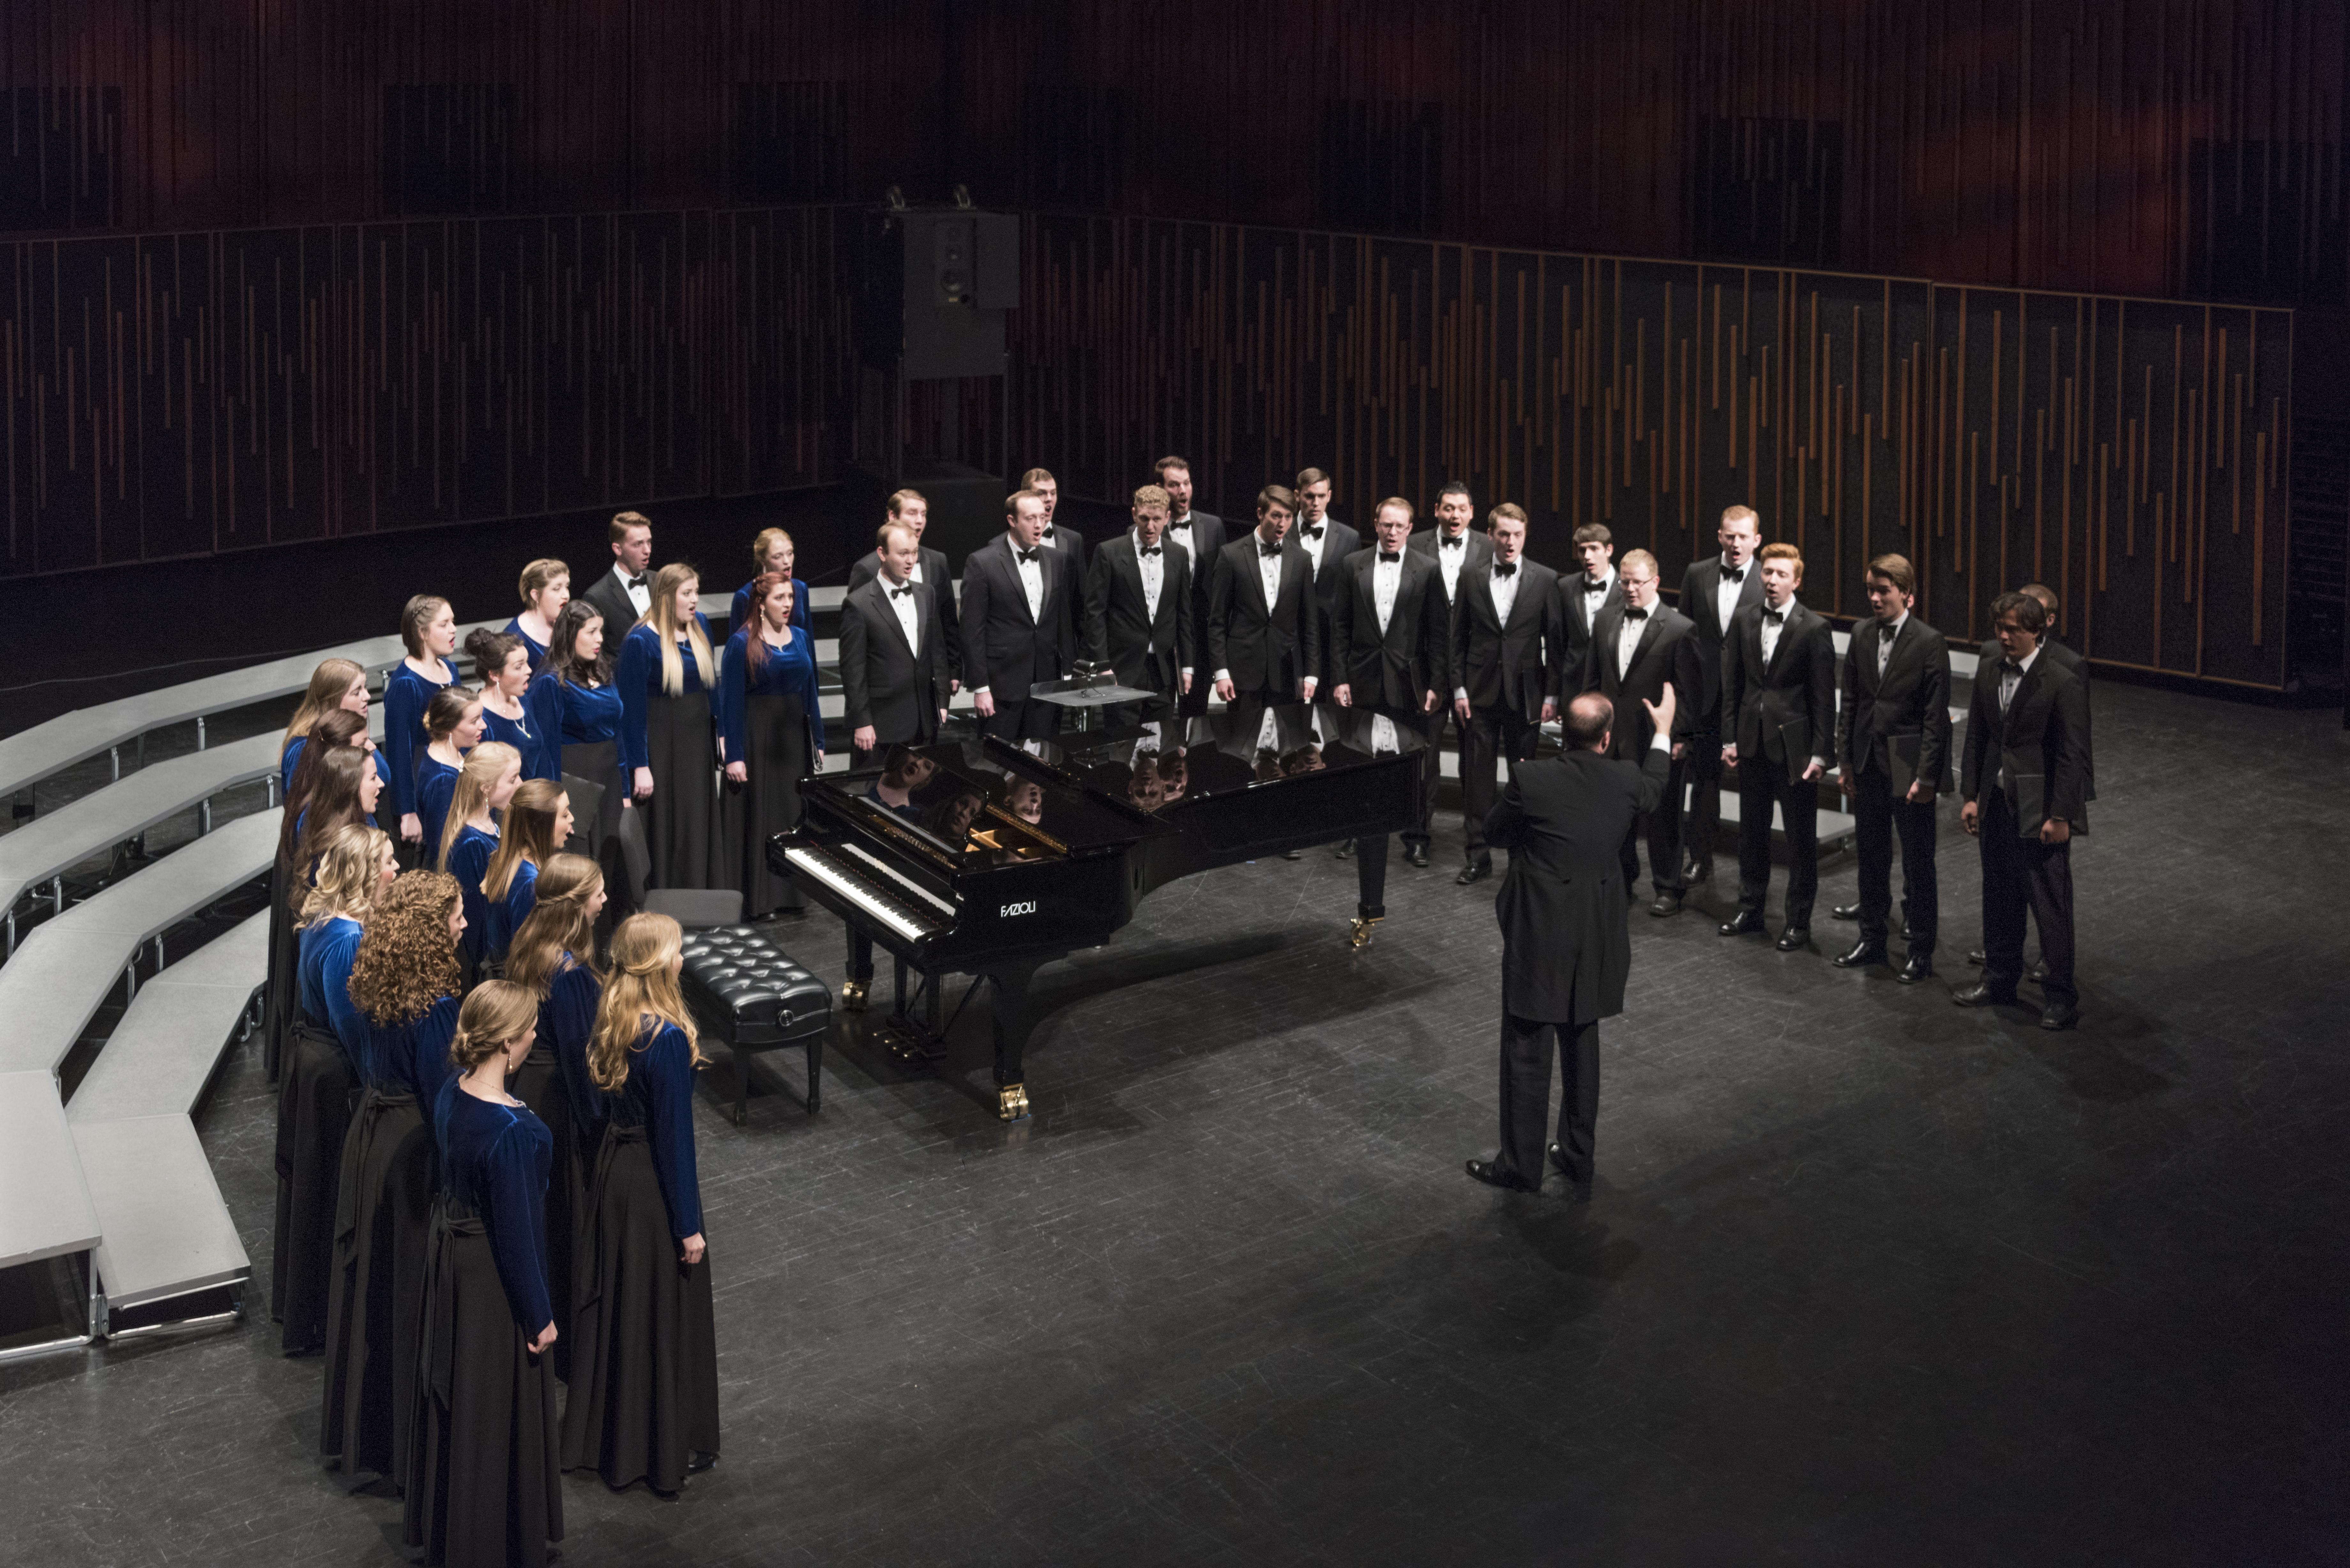 BYU Singers during their 2017 April concert at BYU de Jong Concert Hall. Photo by Sandefur Schmidt.